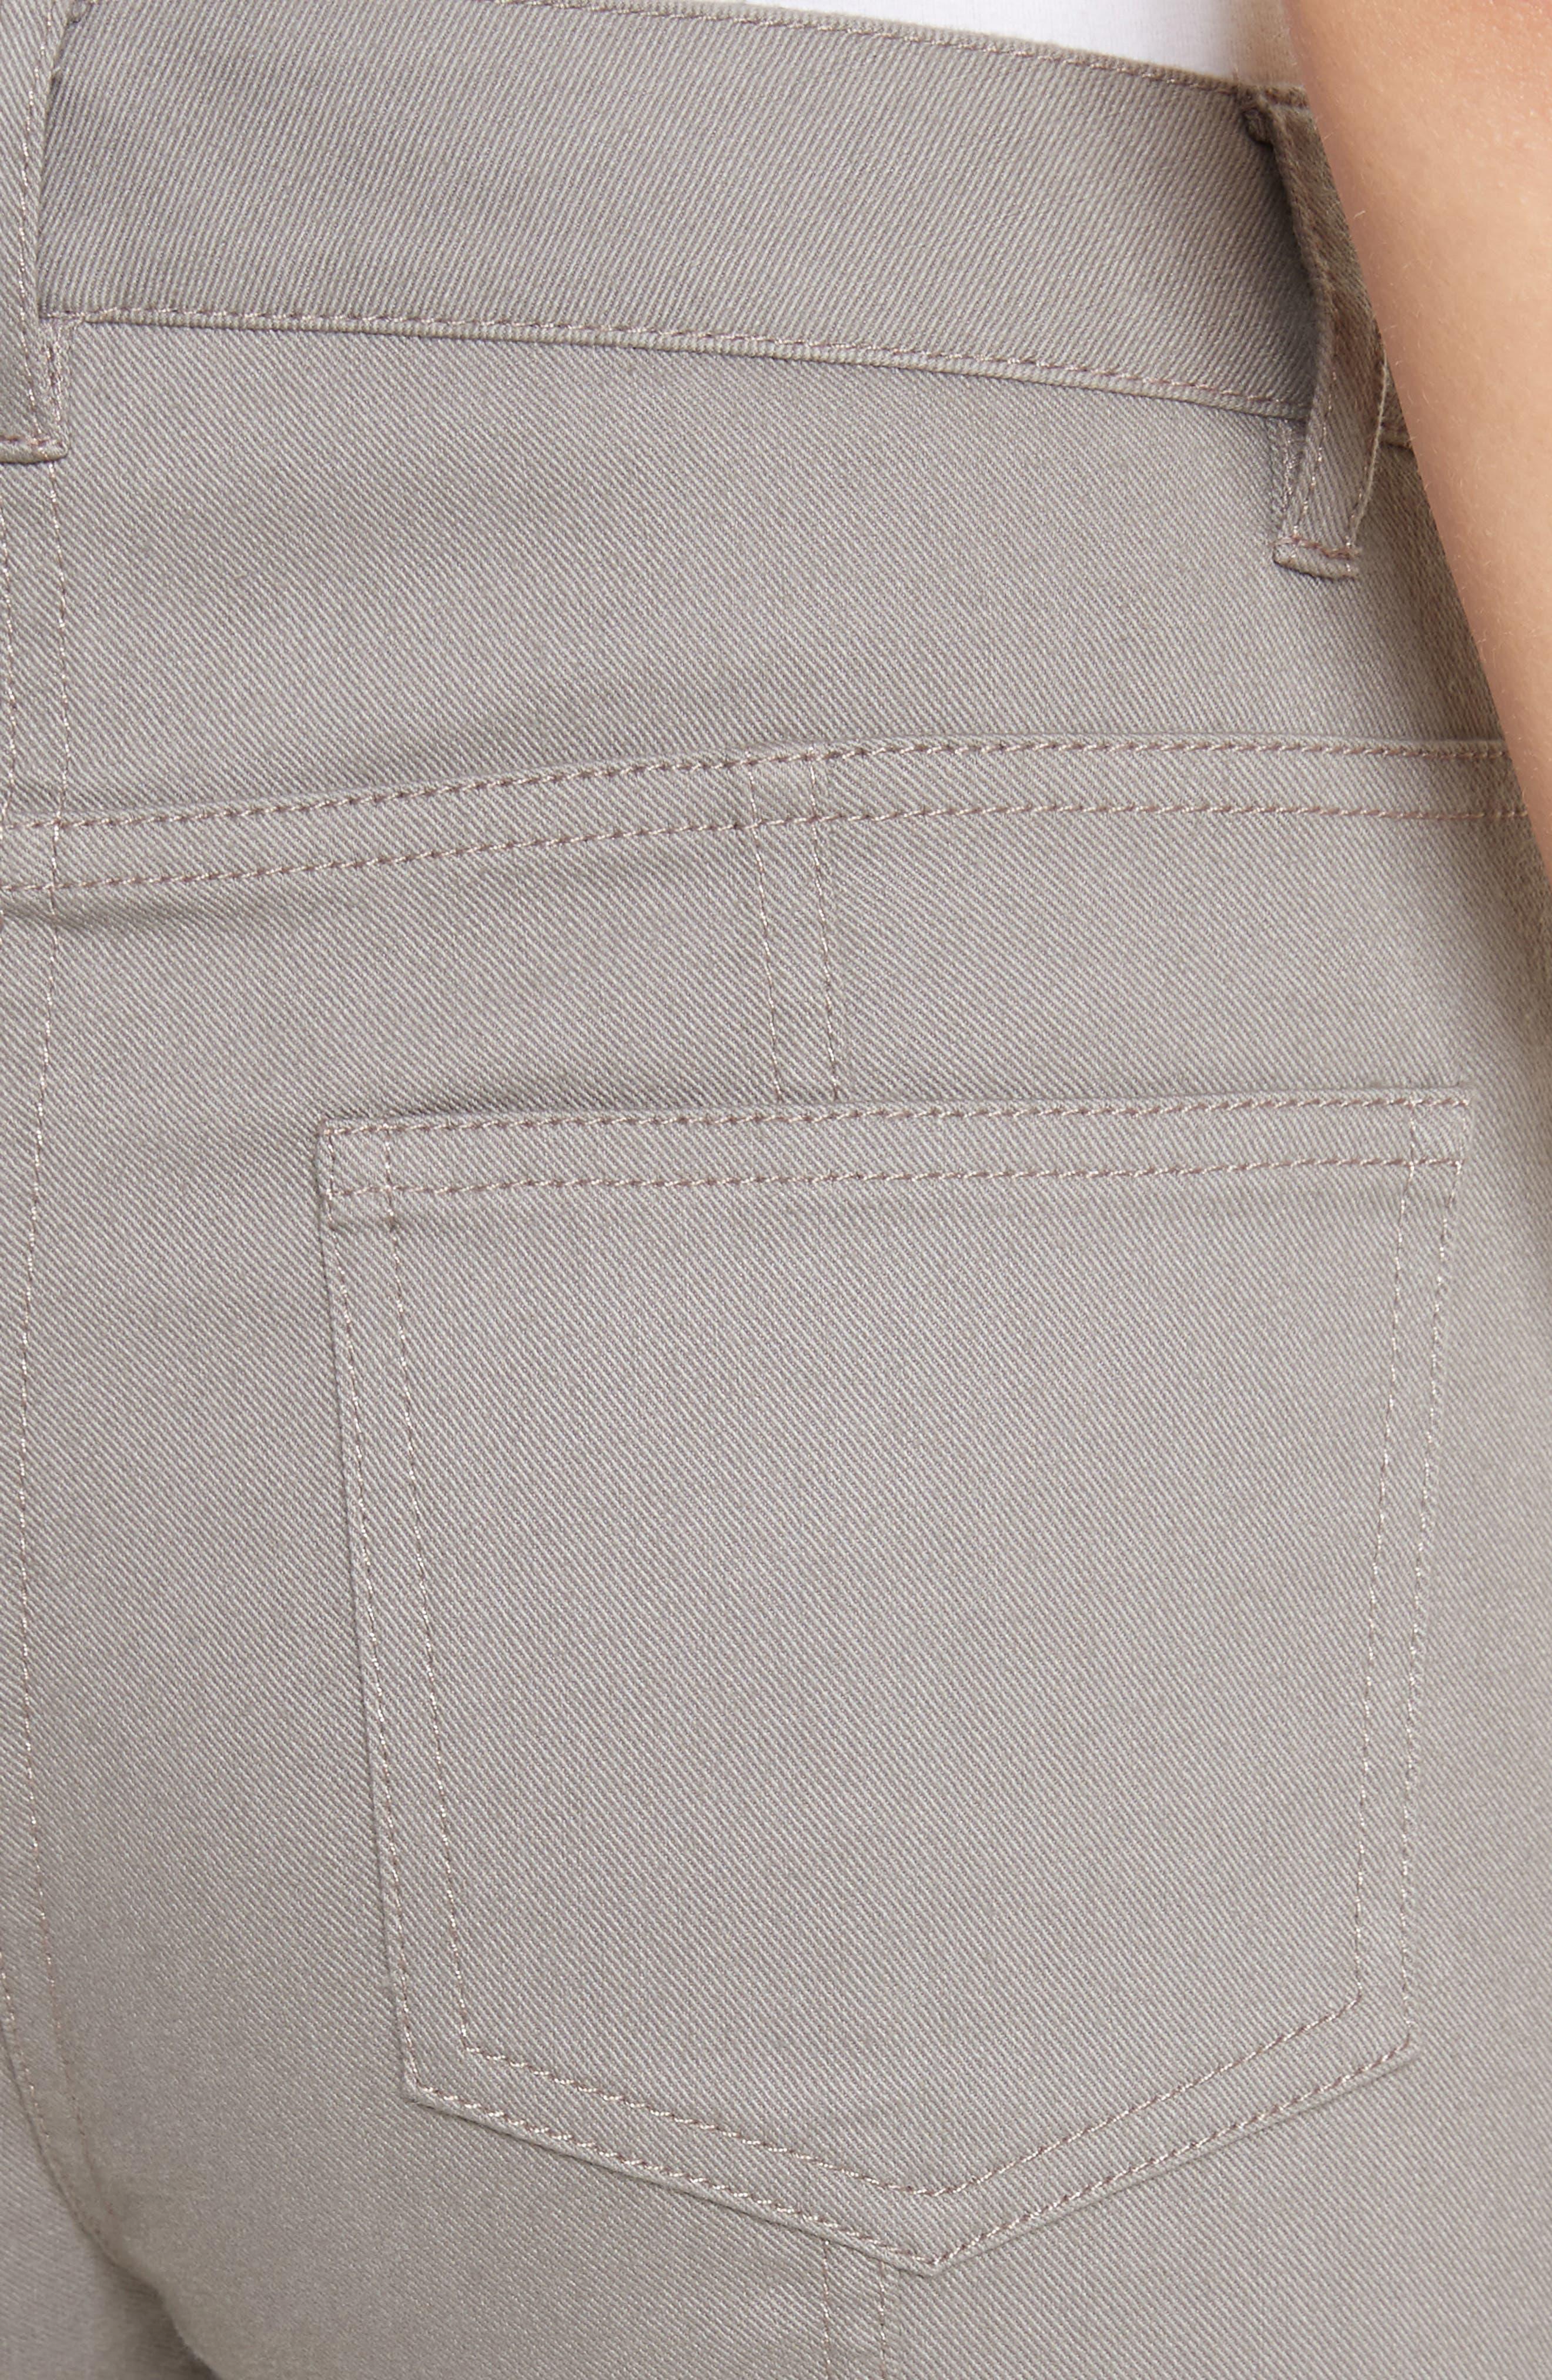 Bardot Double Dye Stretch Jeans,                             Alternate thumbnail 5, color,                             Travertine